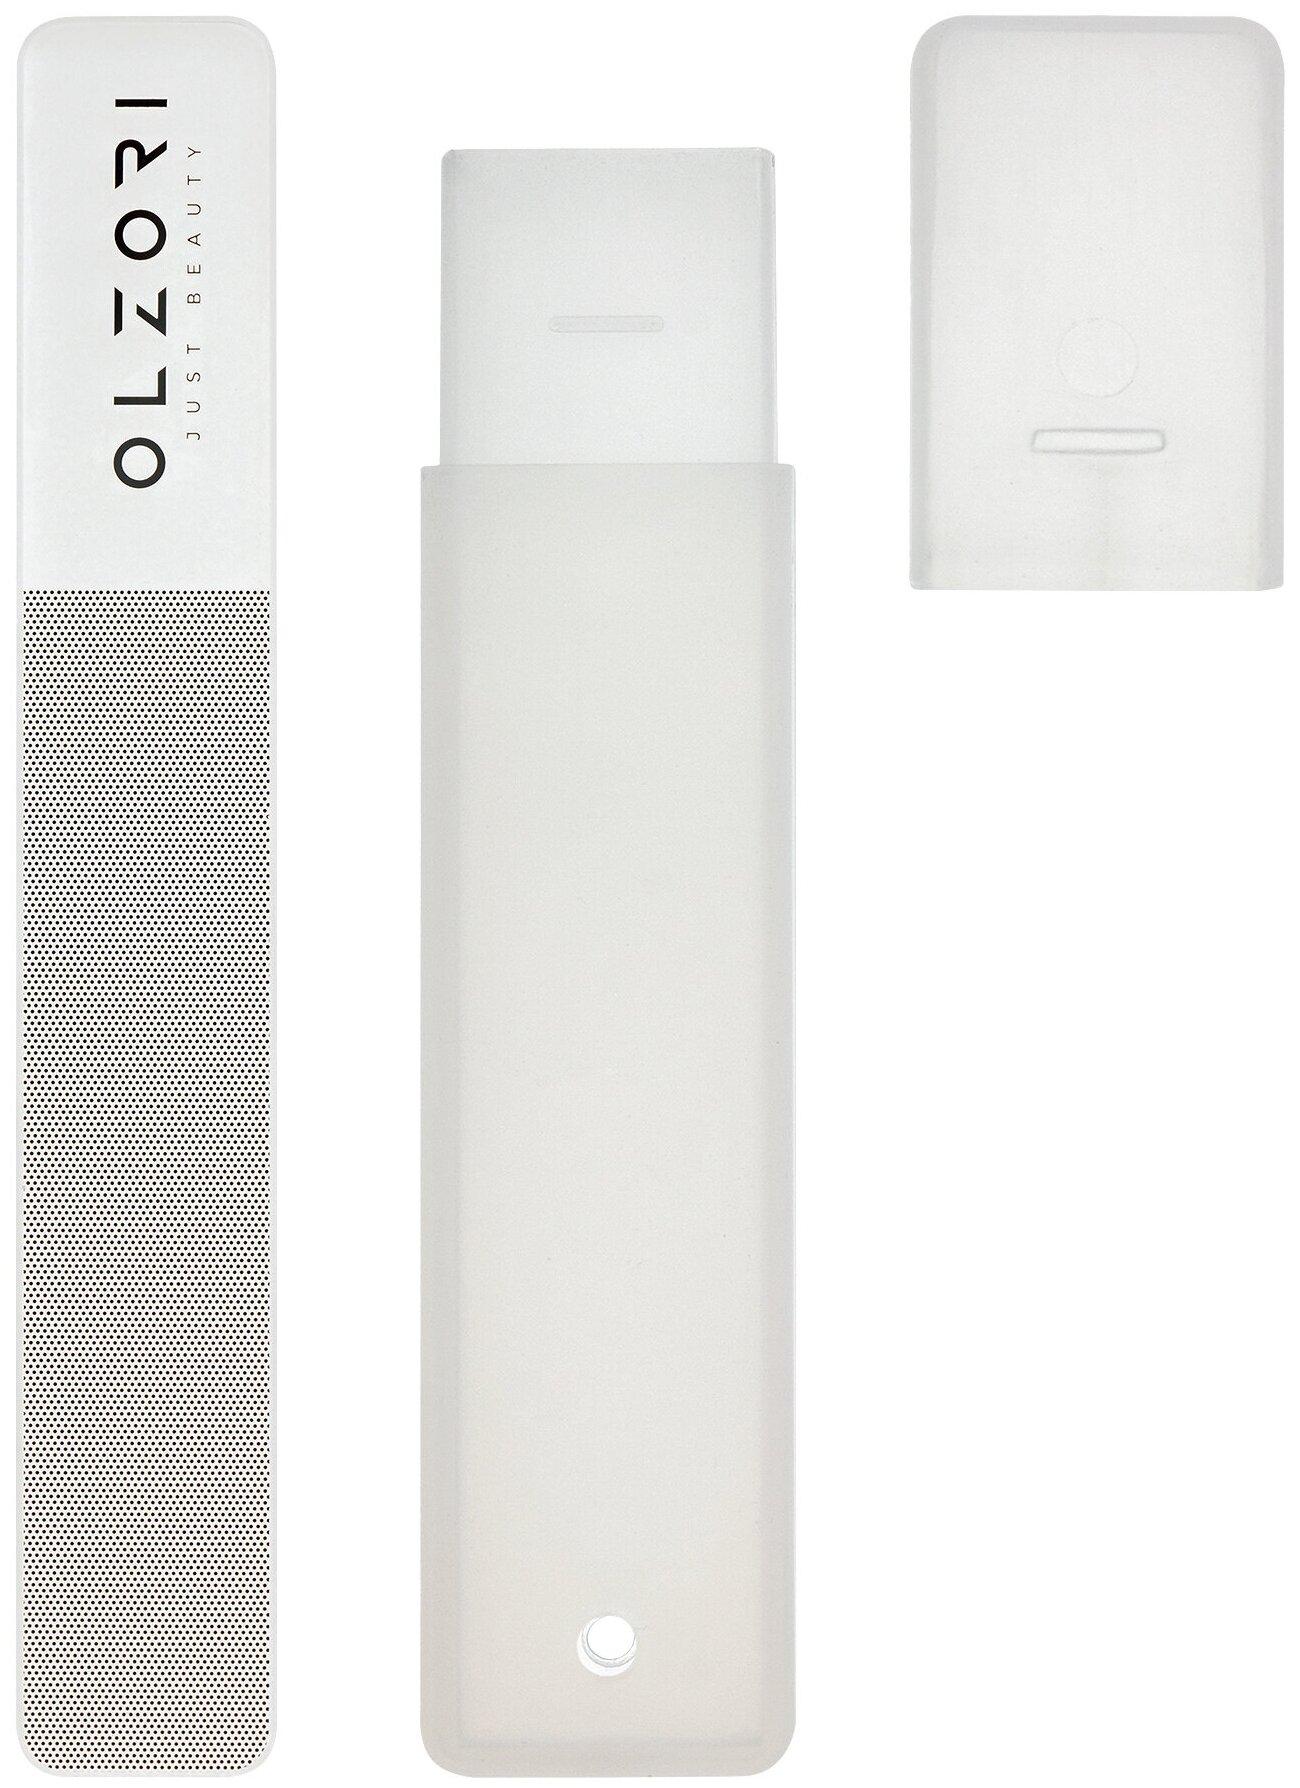 Купить OLZORI Пилка для полировки стеклянная VirGo A серый по низкой цене с доставкой из Яндекс.Маркета